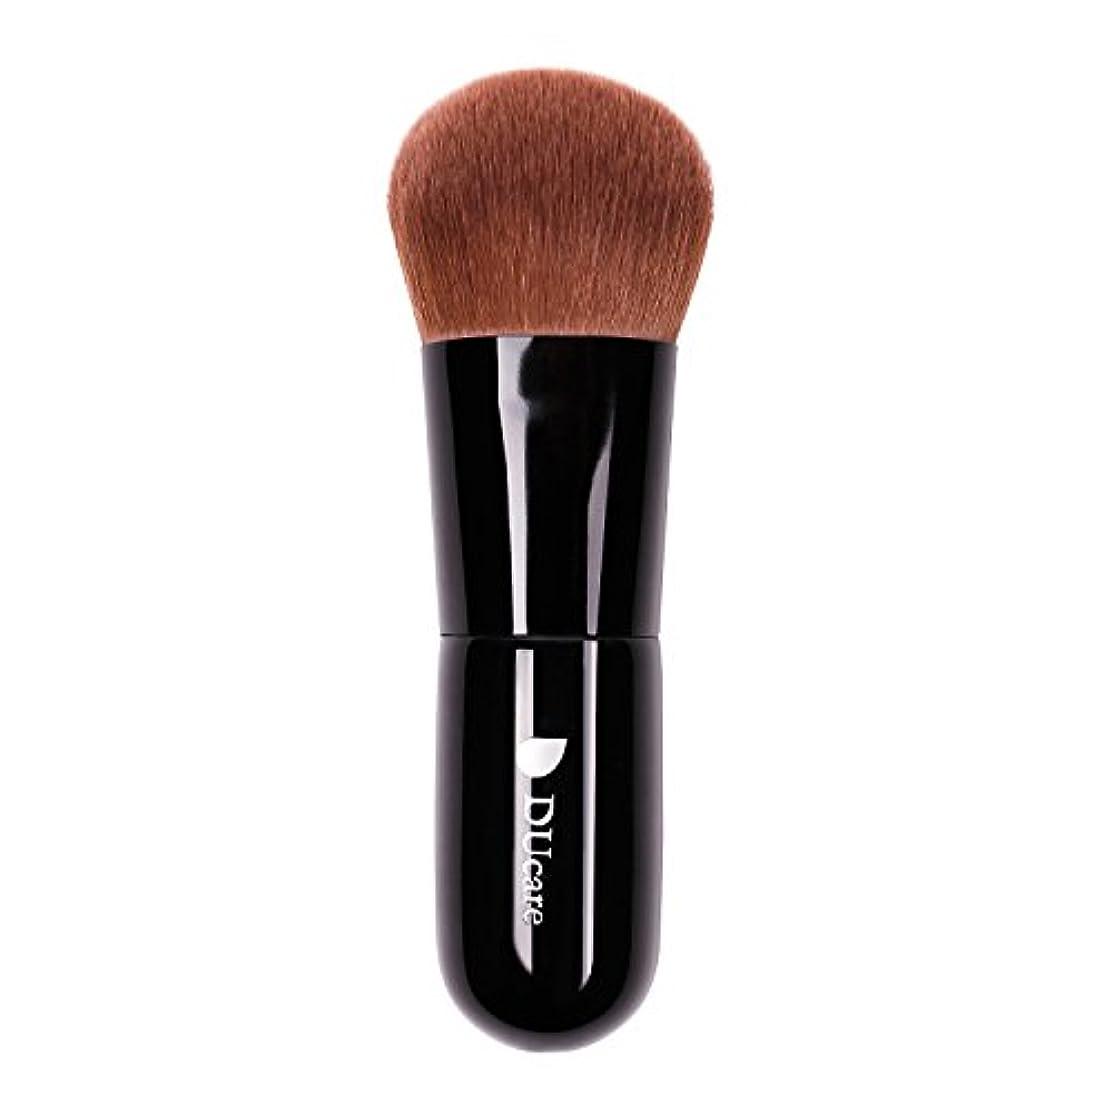 バングラデシュ行うリフトドゥケア(DUcare) 化粧筆 ファンデーションブラシ フェイスブラシ 最高級のタクロンを使用